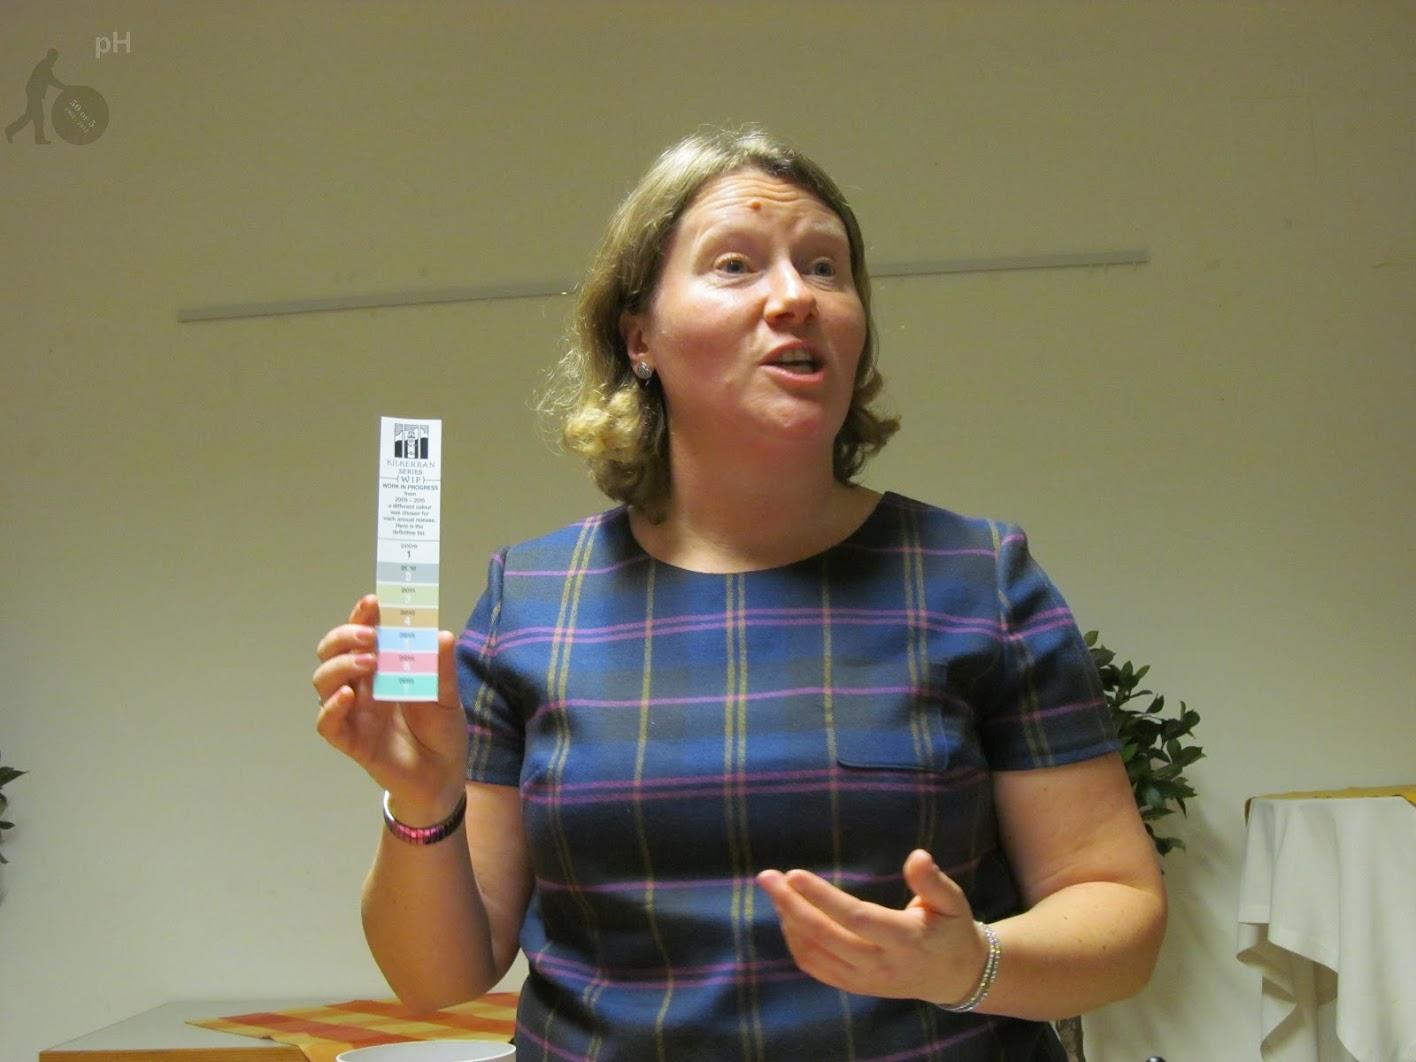 Melanie Stanger, Springbank